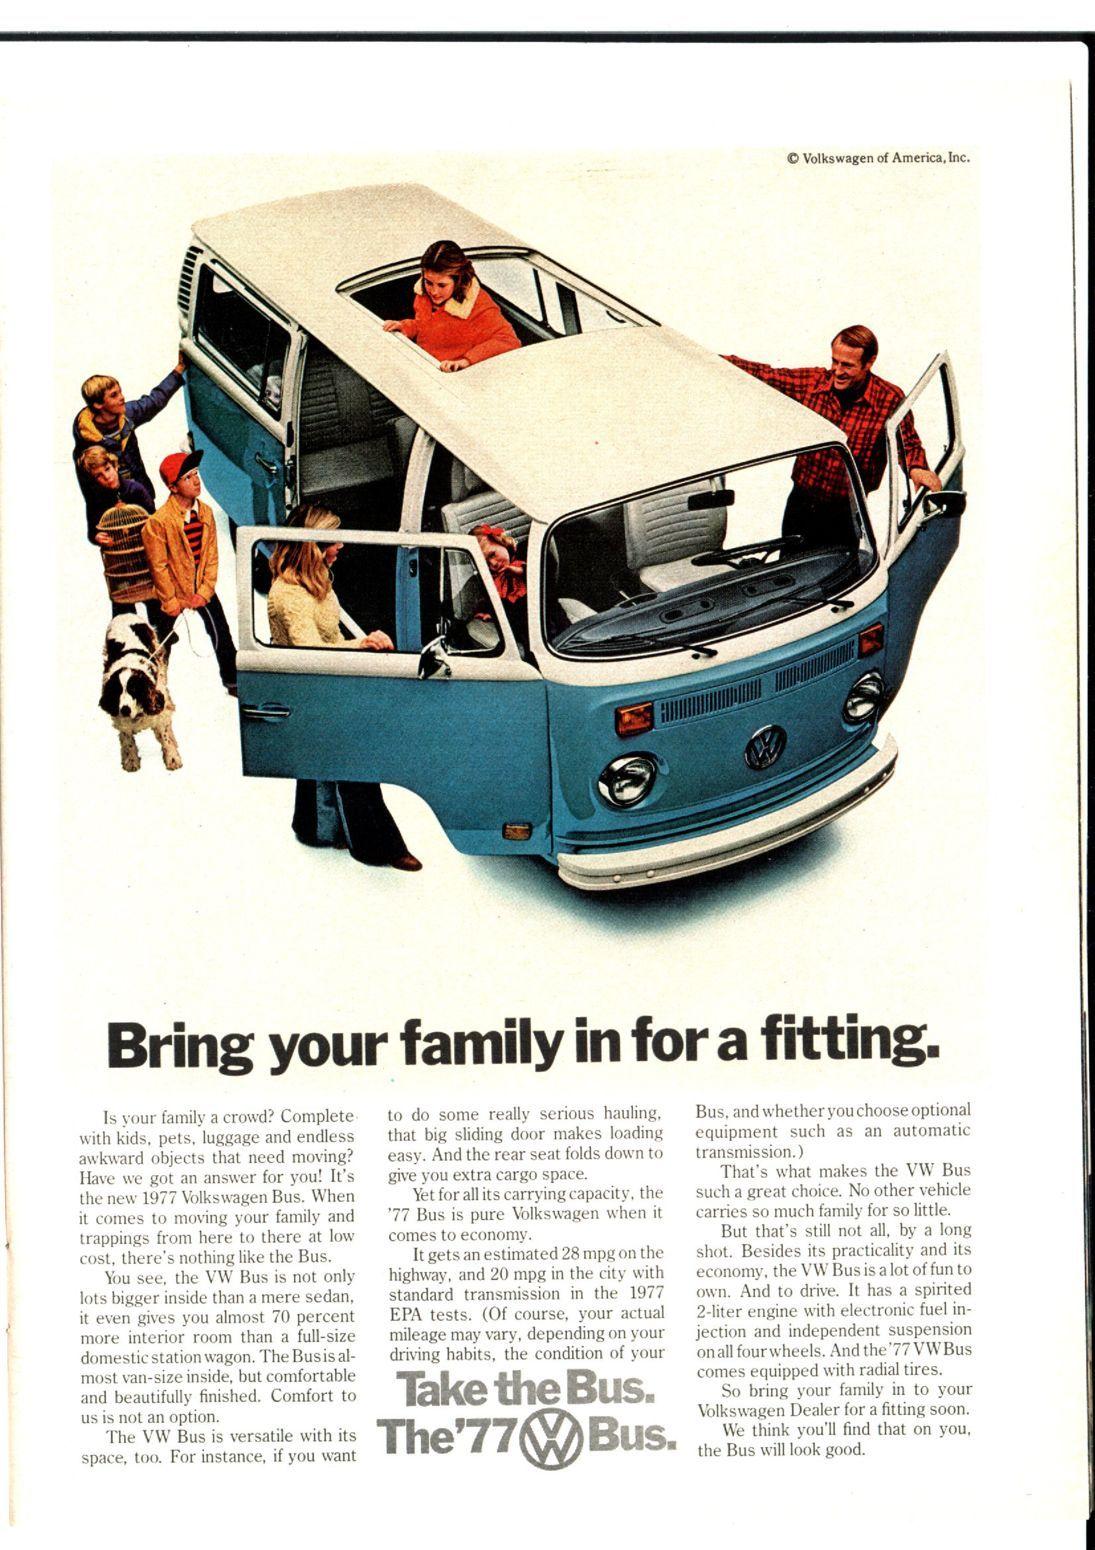 Vw Transporter 2 Seater Seat Surgeons Vw Transporter Vw Transporter Camper Vw Caravelle